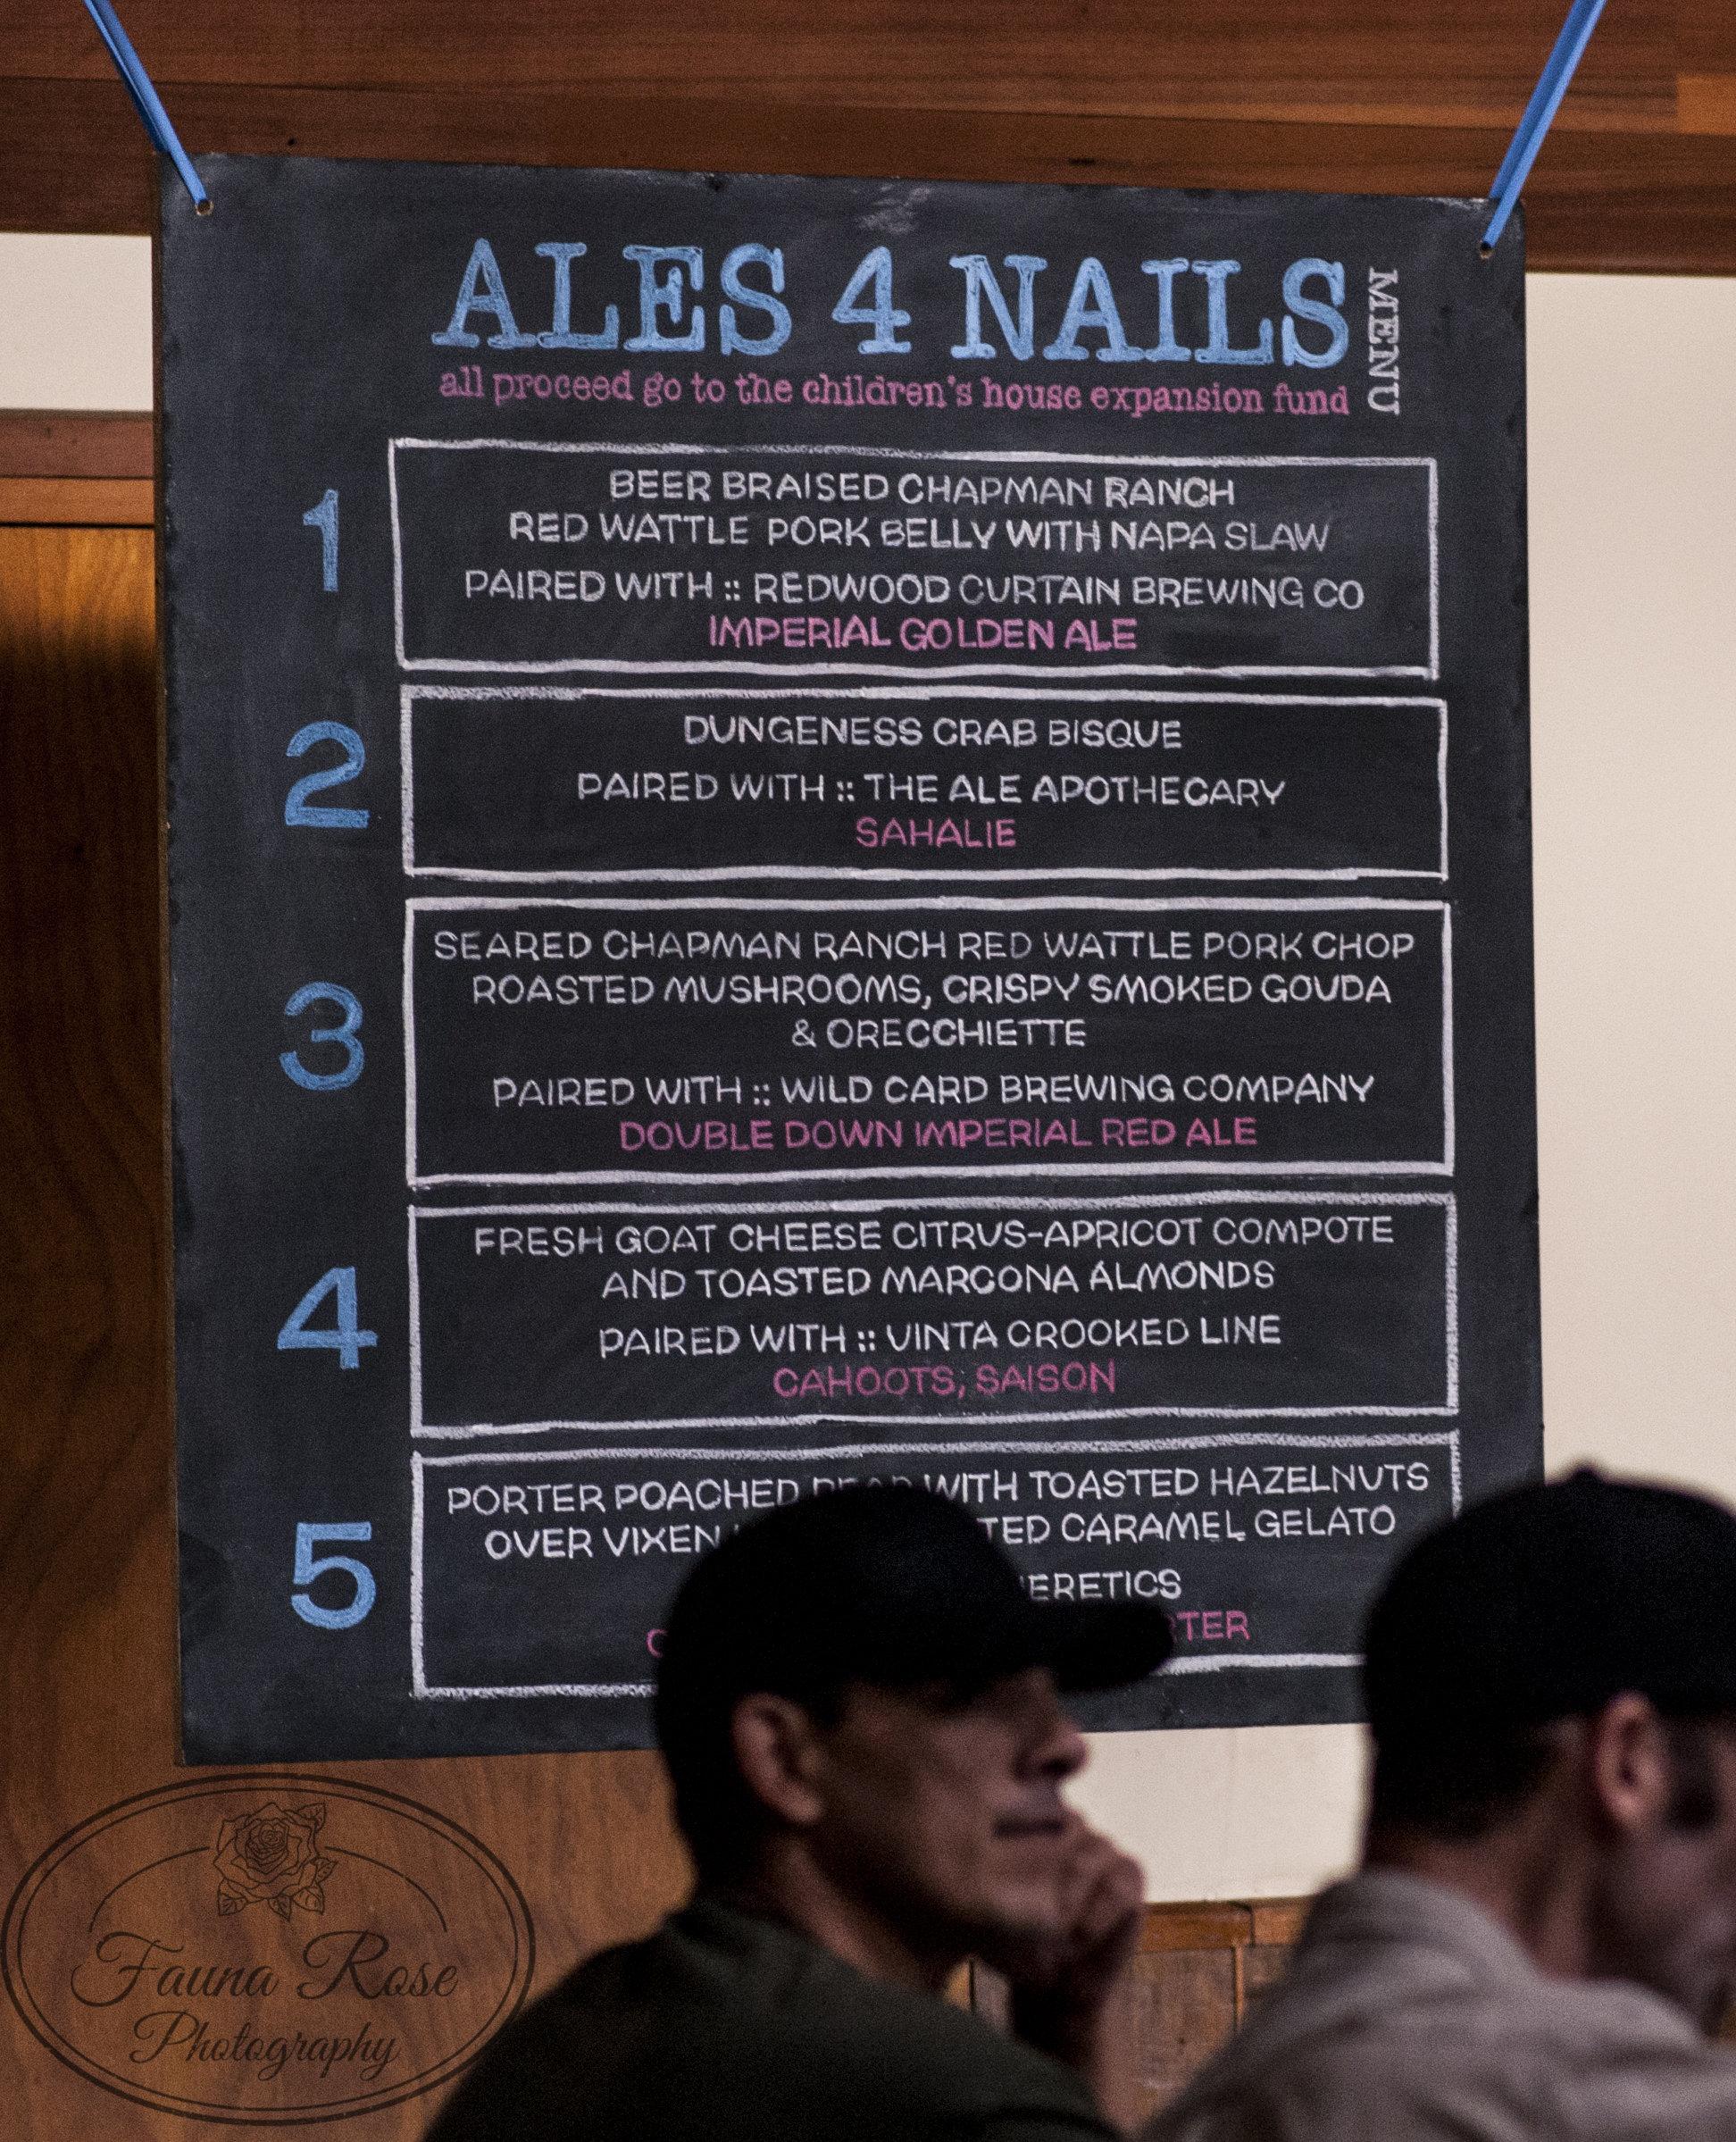 Ales-4-Nails-021.jpg